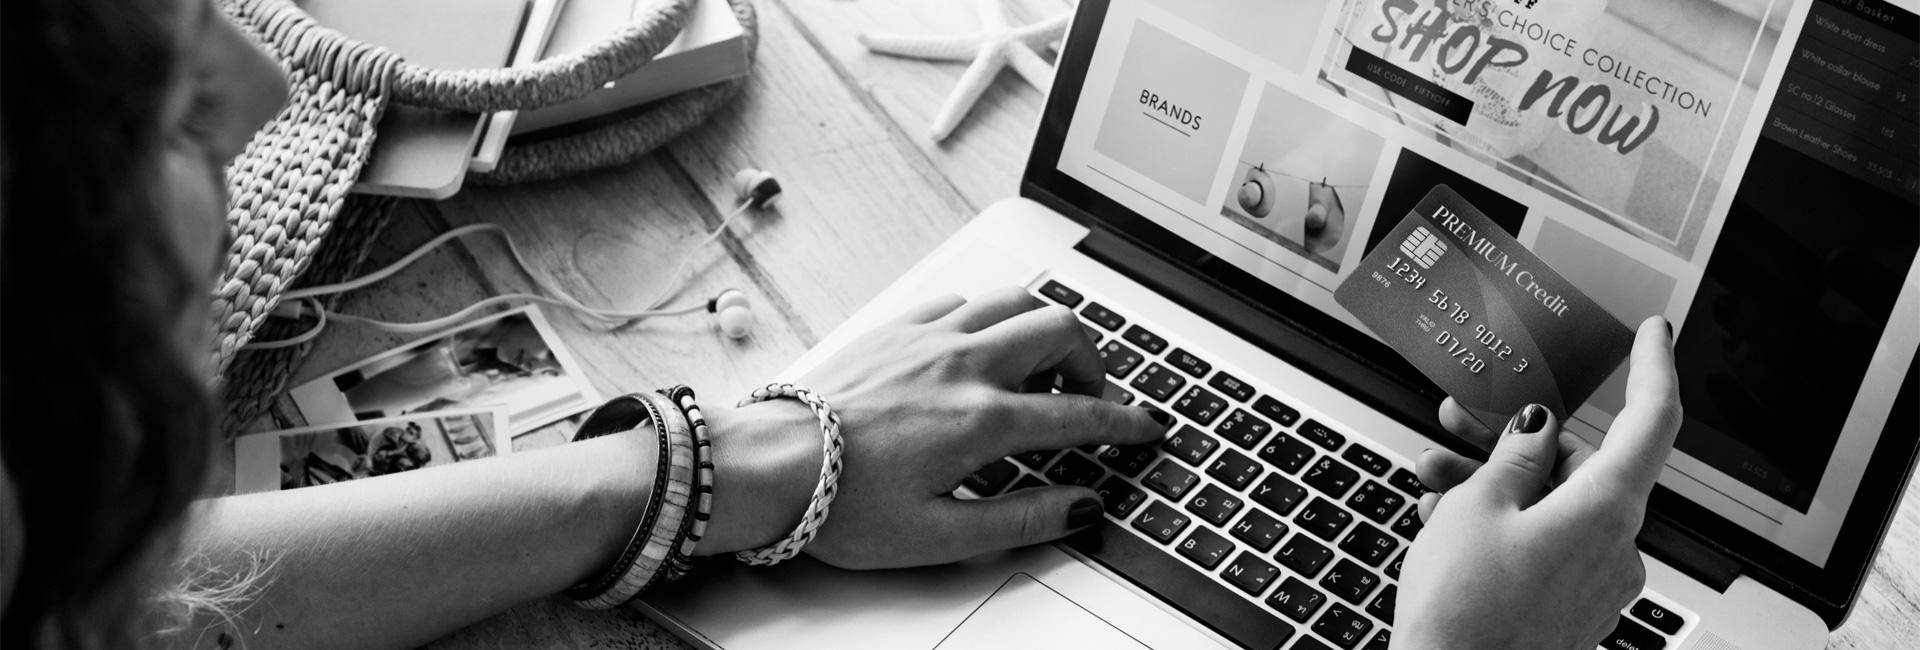 E-commerce nel 2021: quali sono i trend?